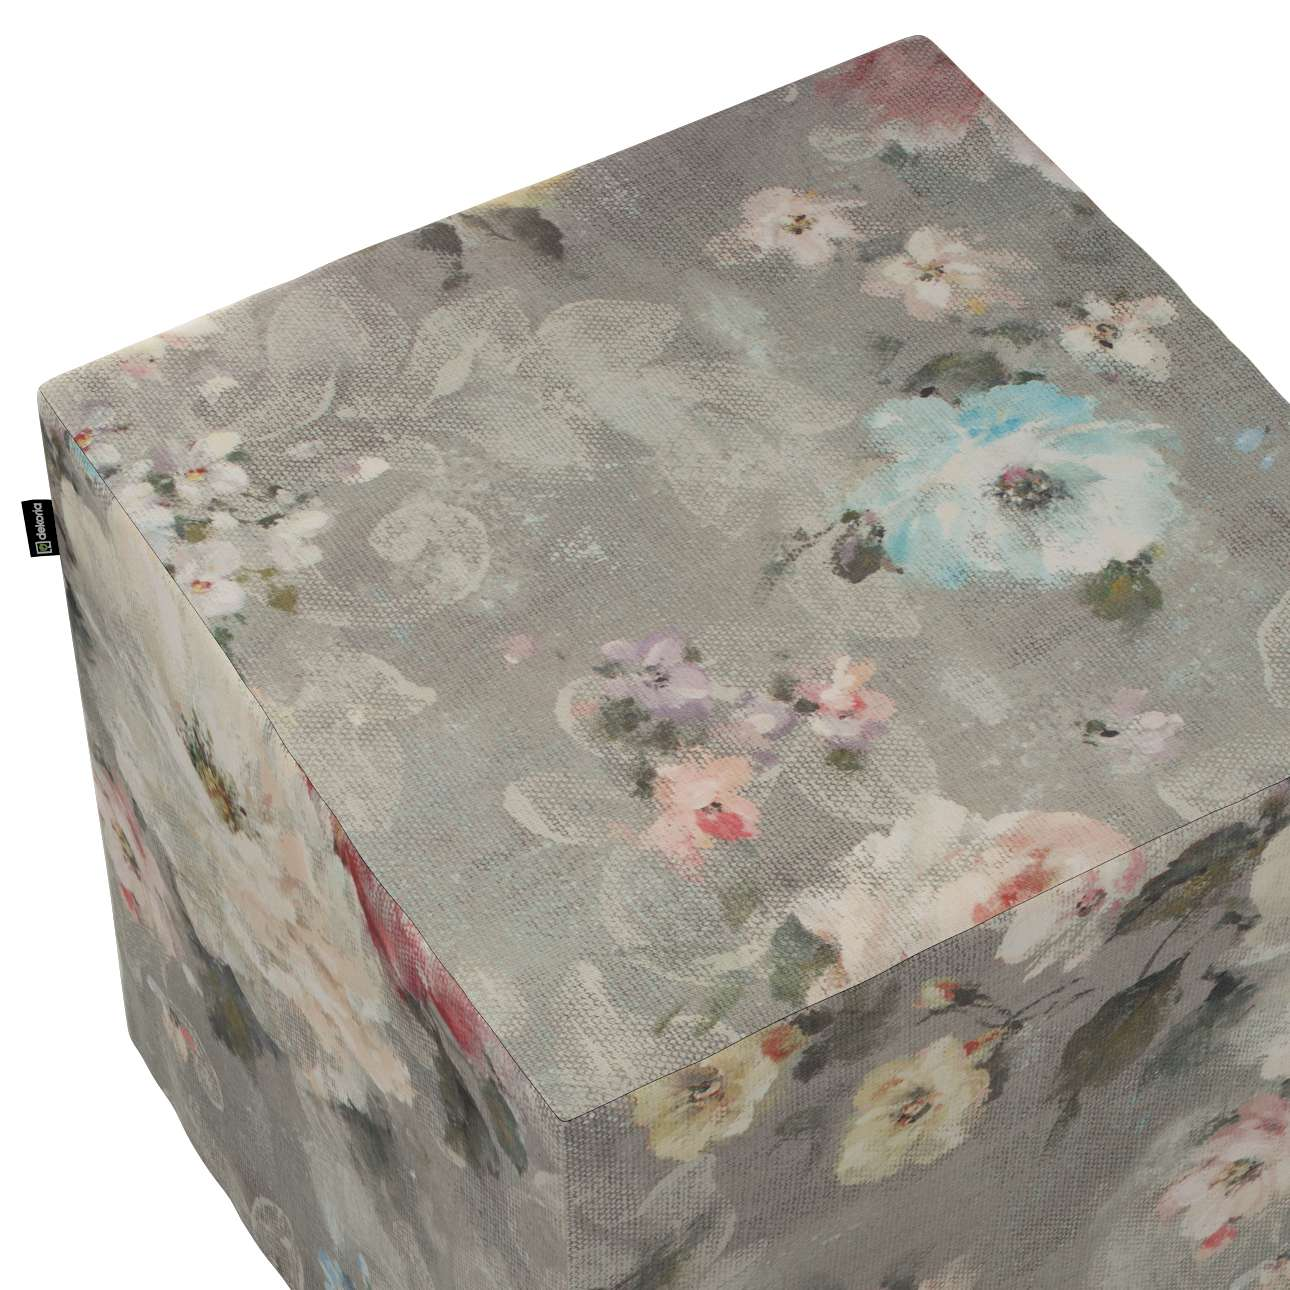 Taburetka tvrdá, kocka V kolekcii Flowers, tkanina: 137-81